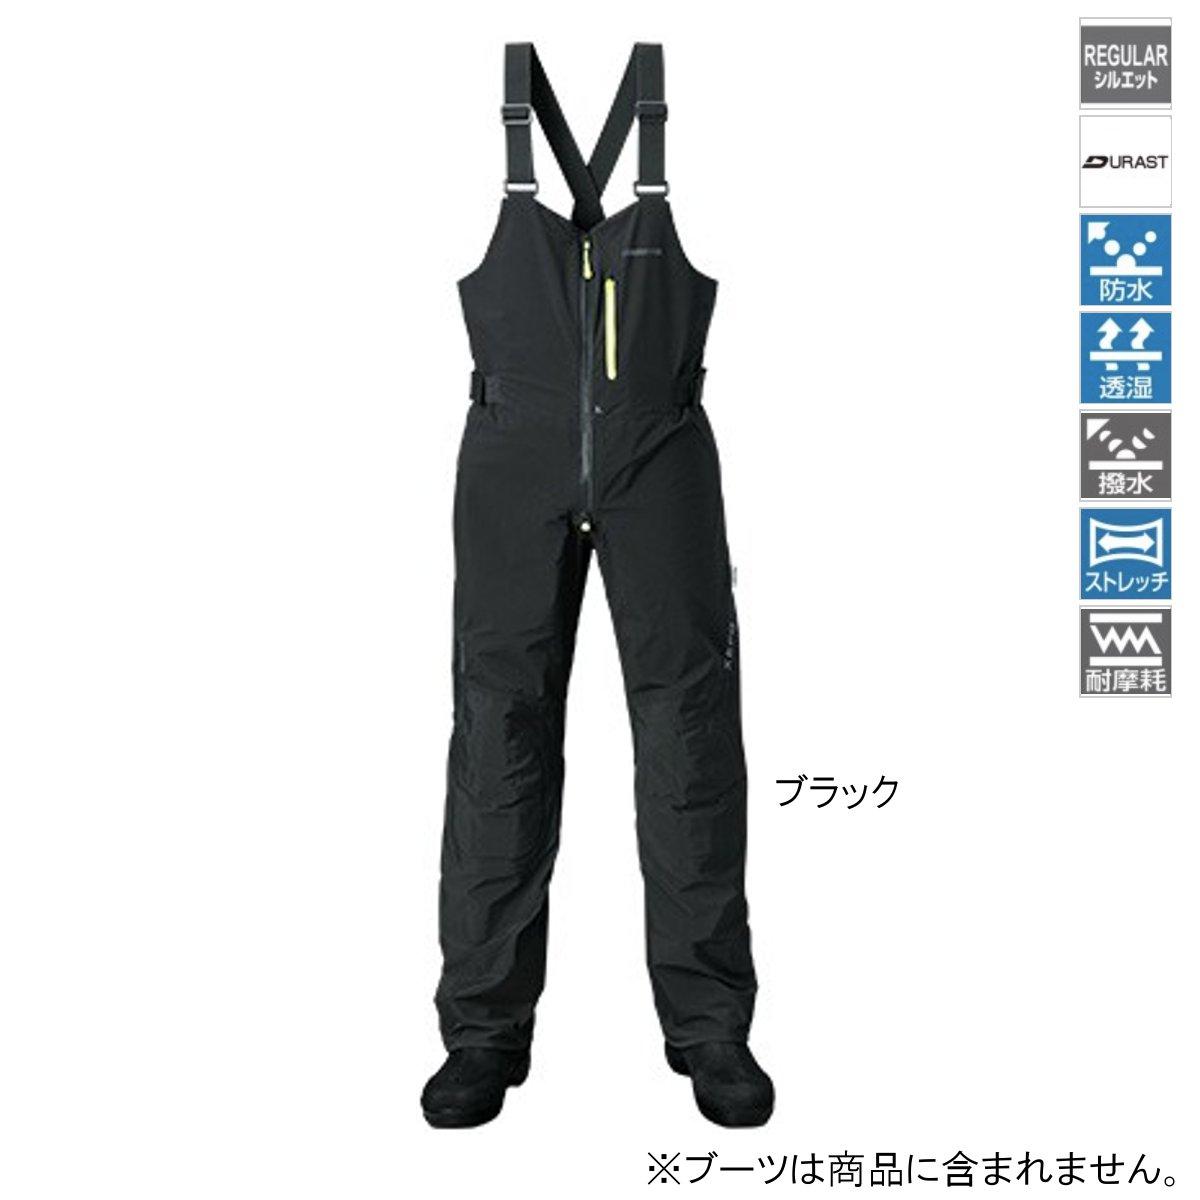 シマノ XEFO・DURASTレインビブ RA-26PS L ブラック